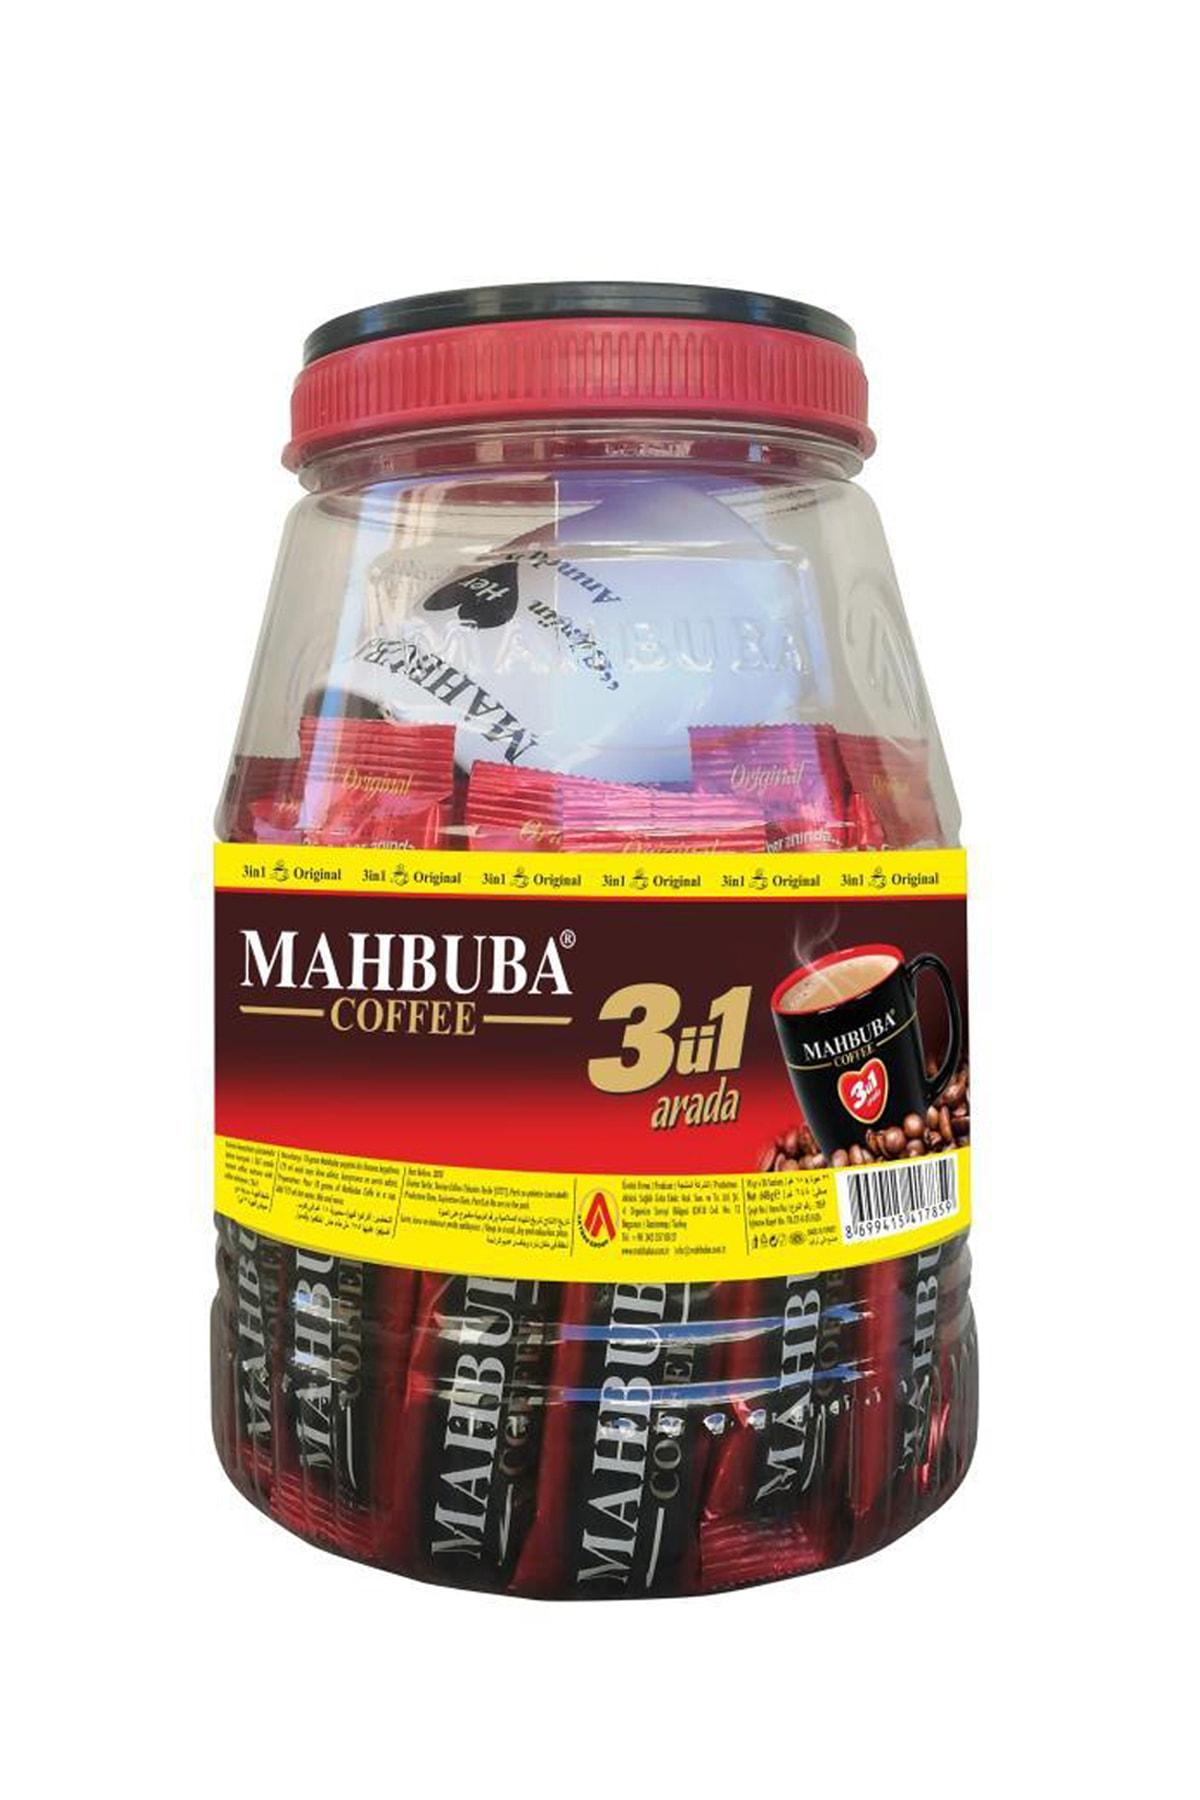 Mahbuba 3ü1 Arada Kavanoz Kahve 36x18gr +Renkli Kupa Hediyeli